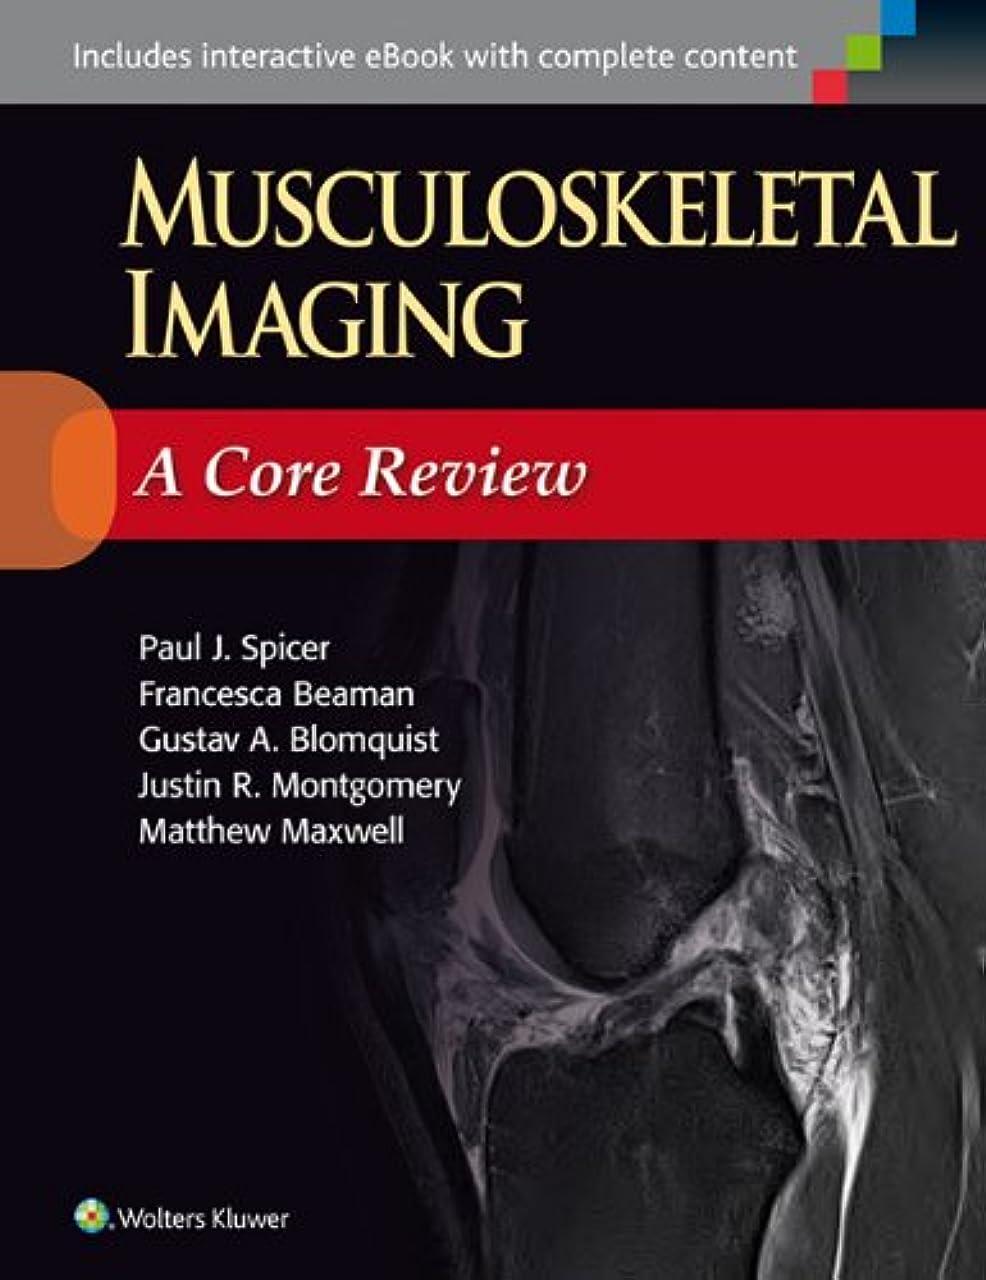 絶対の欺く戦士Musculoskeletal Imaging: A Core Review